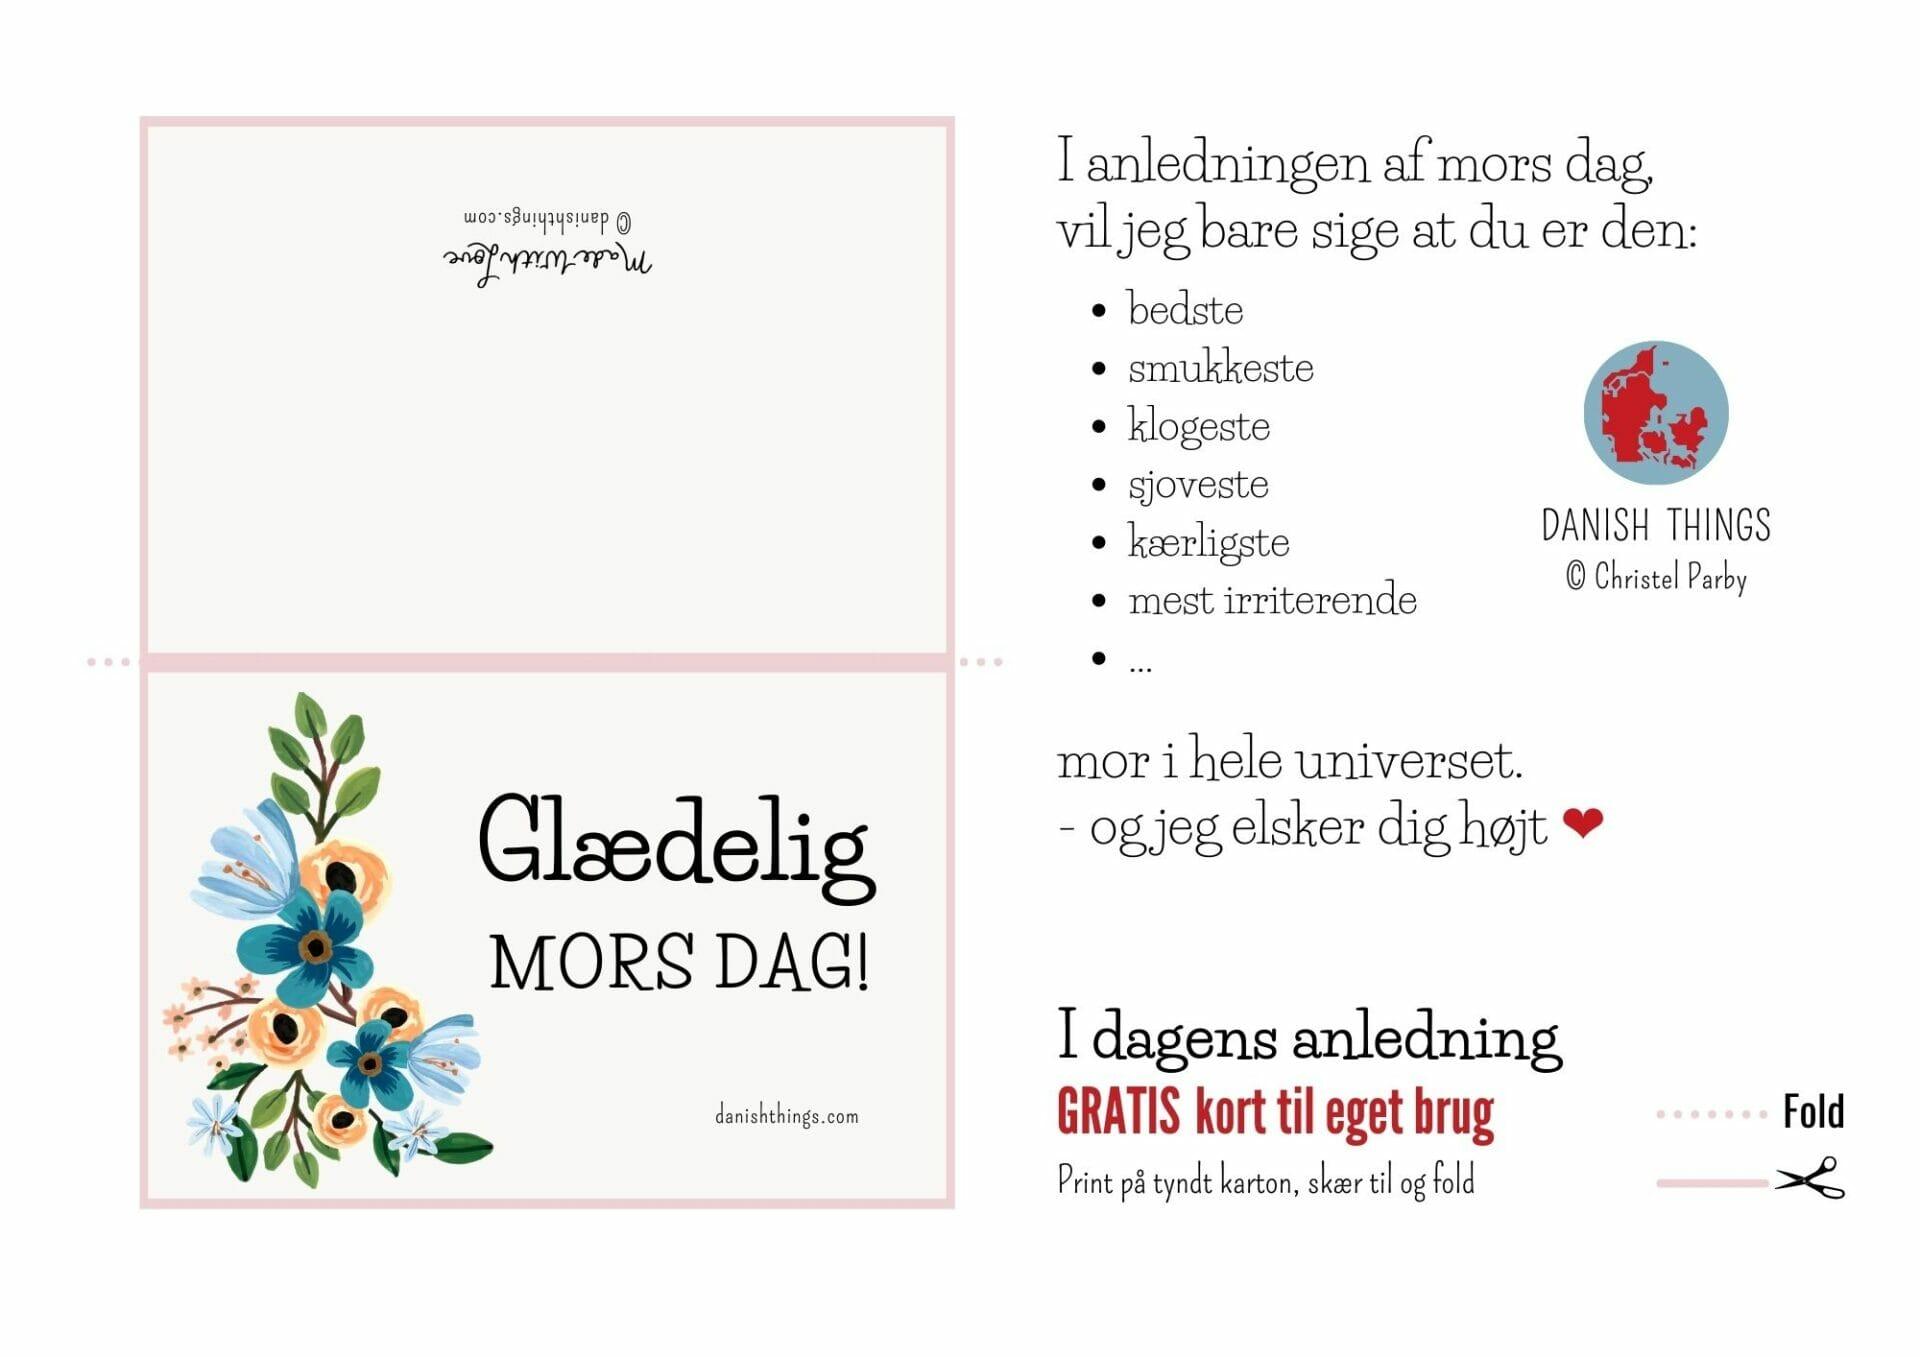 Glædelig mors dag! Her finder du gratis kort til mors dag med blomsterdekoration. Du kan vælge mellem 2 dobbelte kort i pudderfarvet eller turkis med neutrale blomster, der passer de fleste mødre, eller du kan bruge forsiden som et enkelt kort. Send din mor en hilsen – her kan du vælge mellem kort, du kan sende som brev, mail, sms eller kort, du giver din mor i hånden. Find opskrifter, gratis print og inspiration til årets gang på danishthings.com #DanishThings #morsdag #mor #morsdagkort #blomster #gratis #kort #glædelig #kærlig #hilsen #mors #dag #fejring #❤